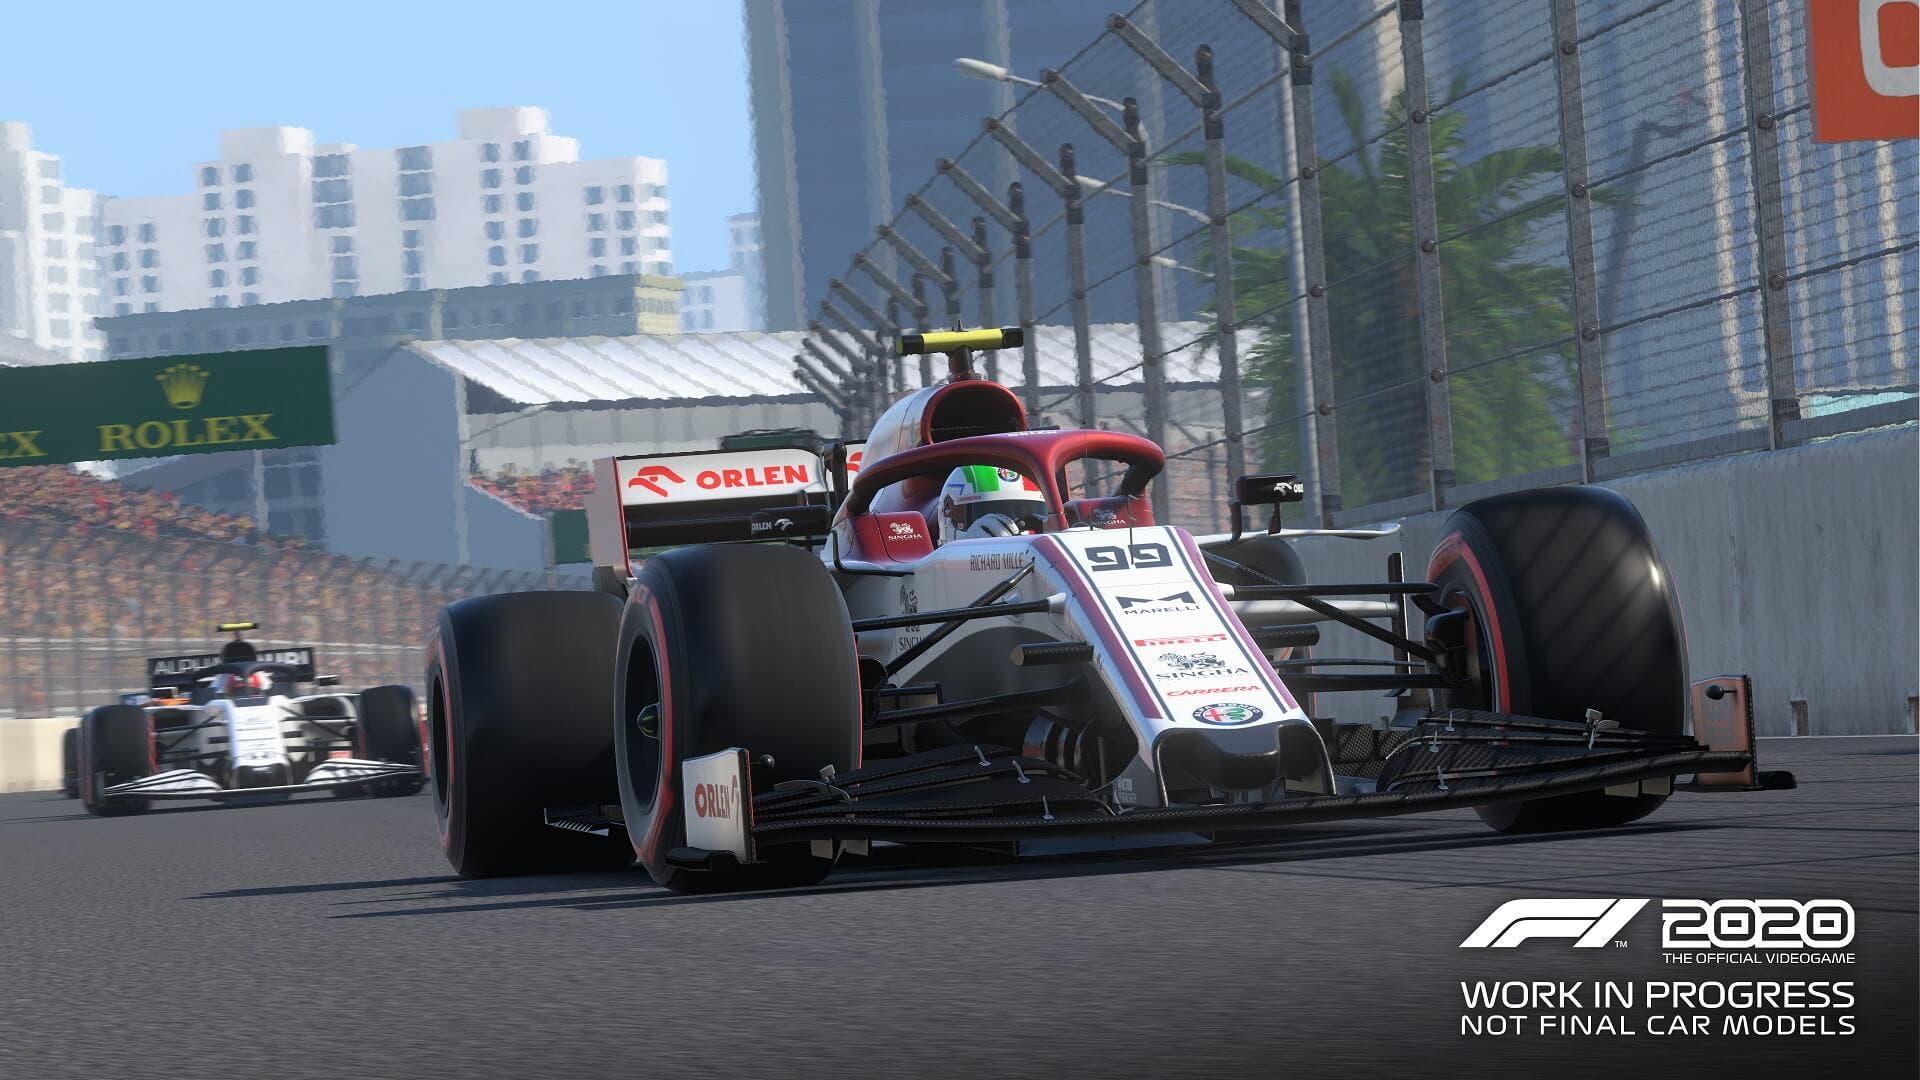 Una vuelta al circuito de Hanoi en F1 2020 con Charles Leclerc 2